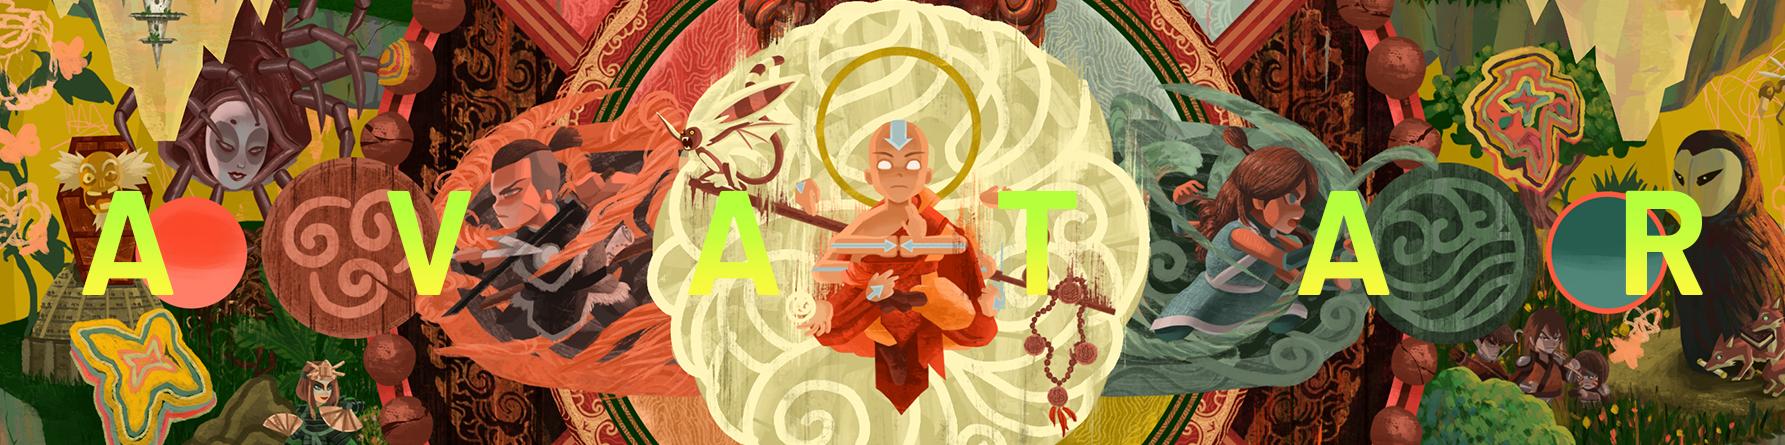 Avatar Banner.jpg